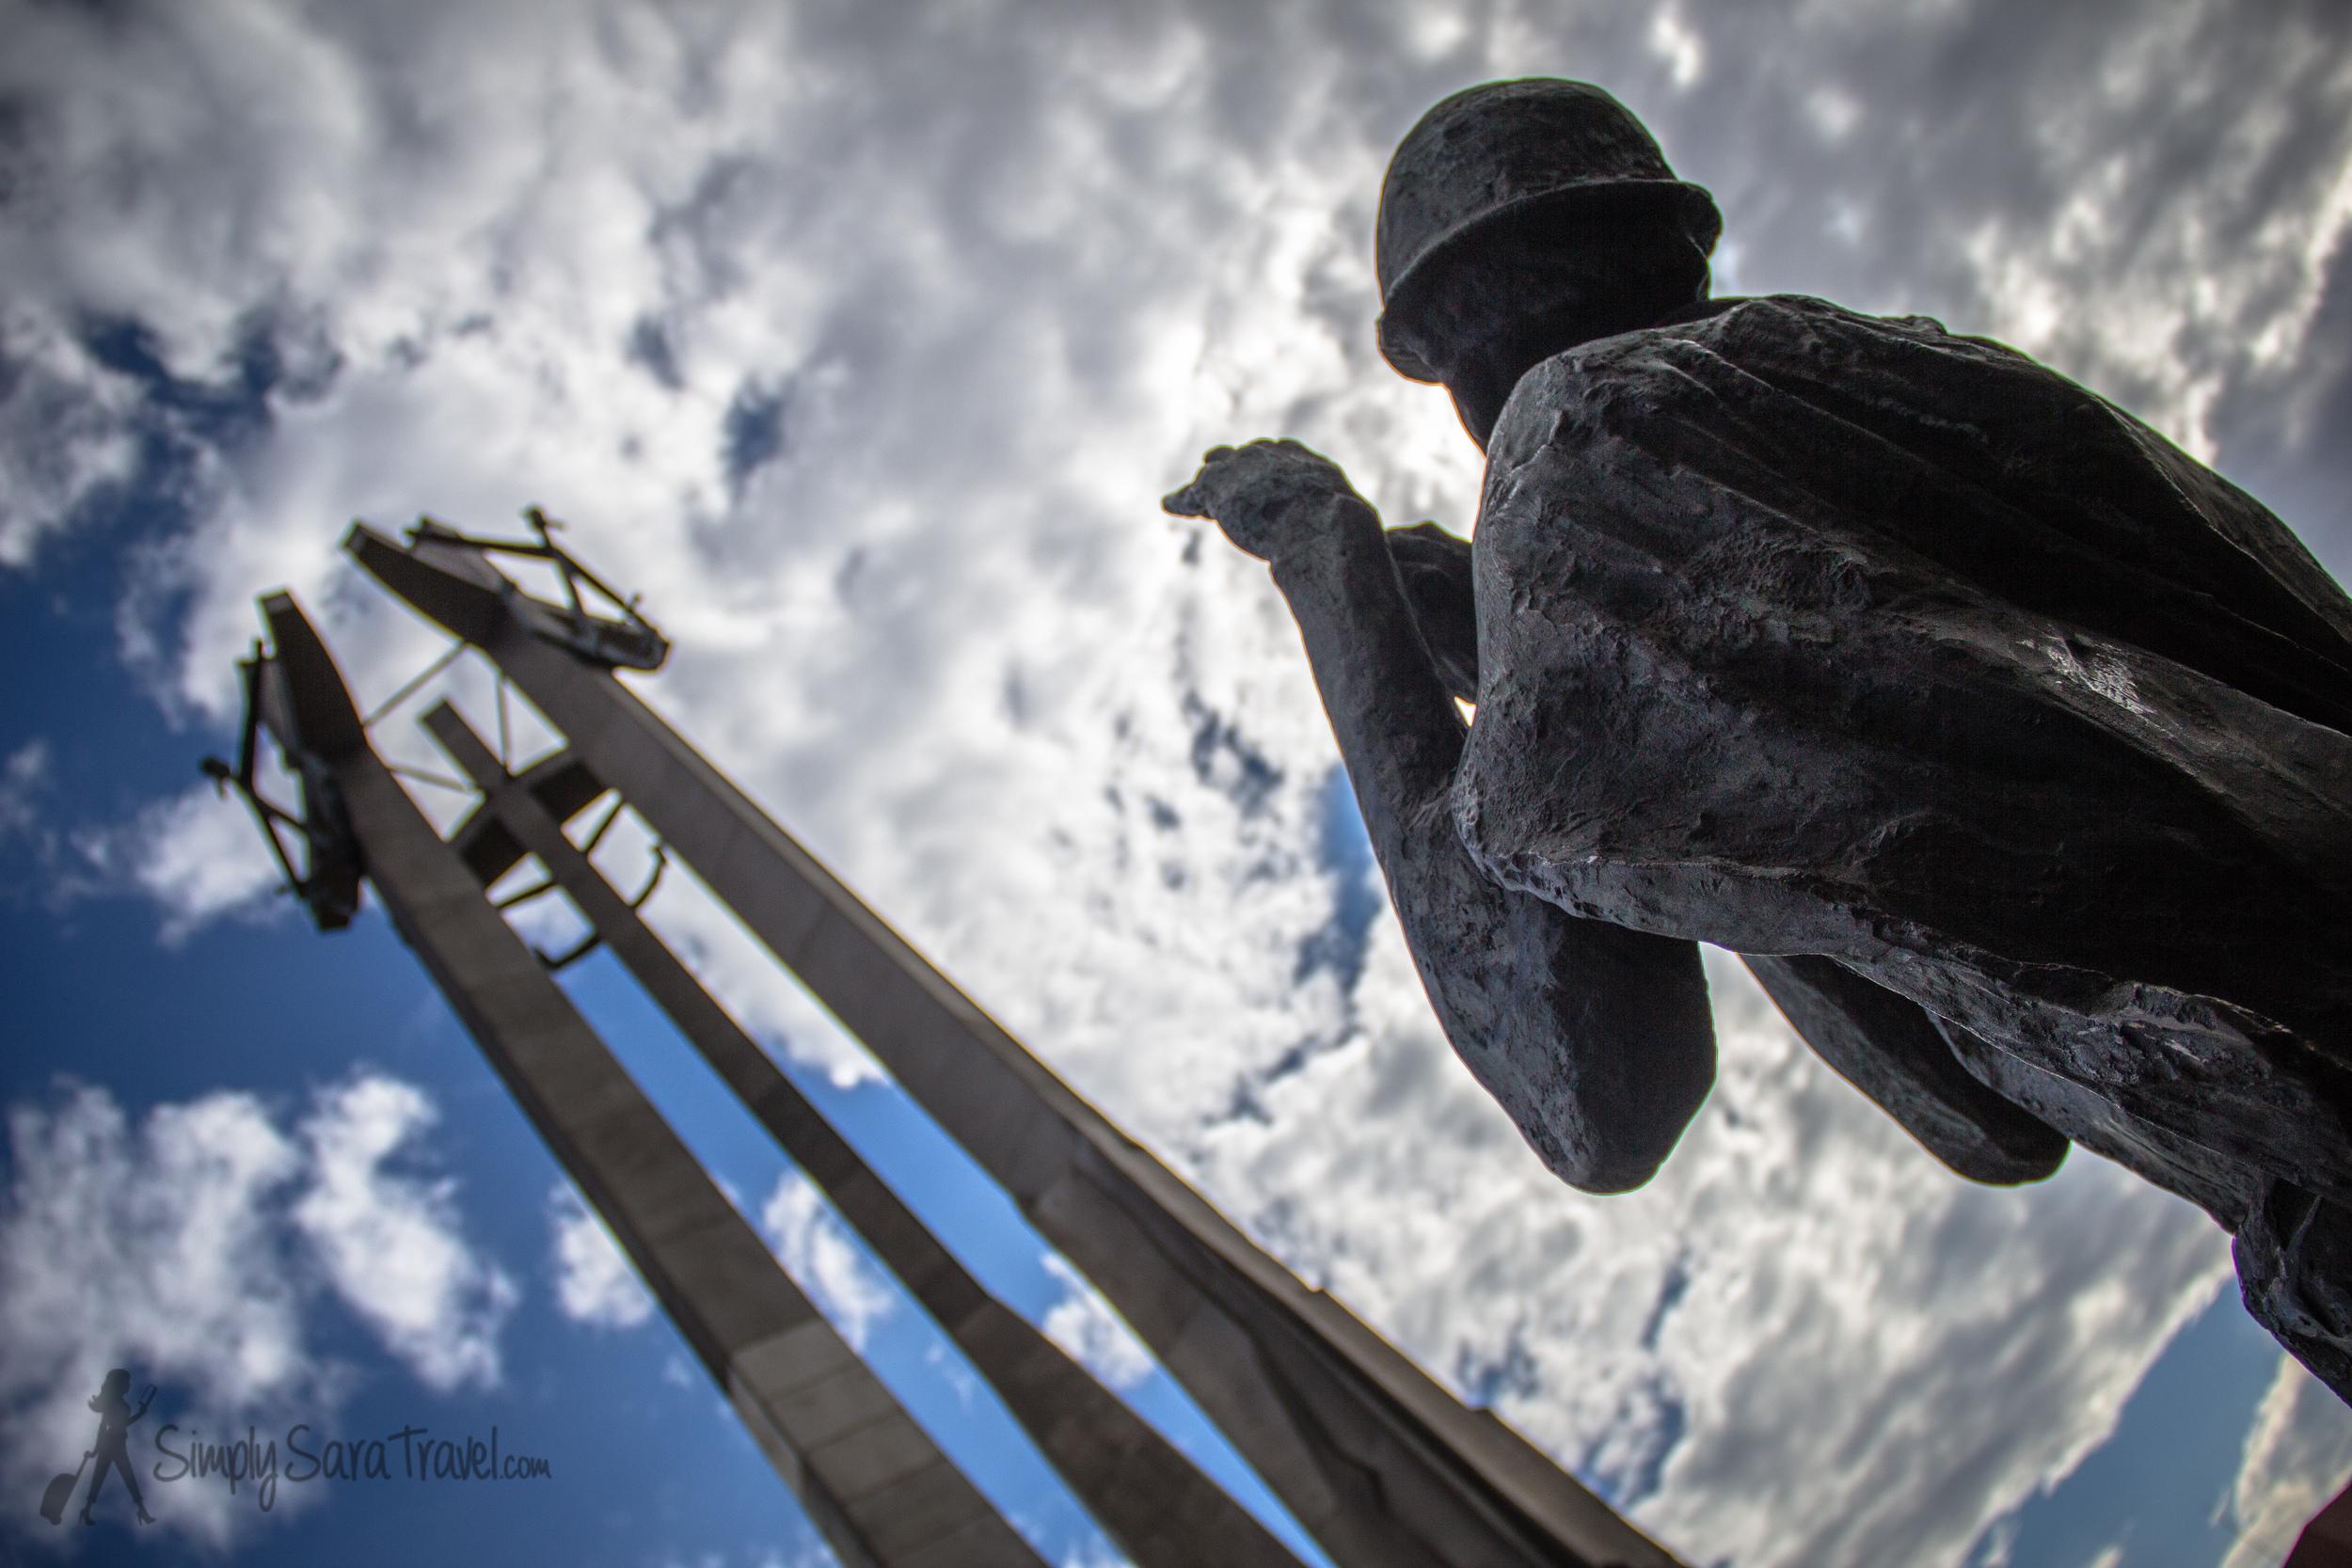 Statue of an unarmed shipyard worker